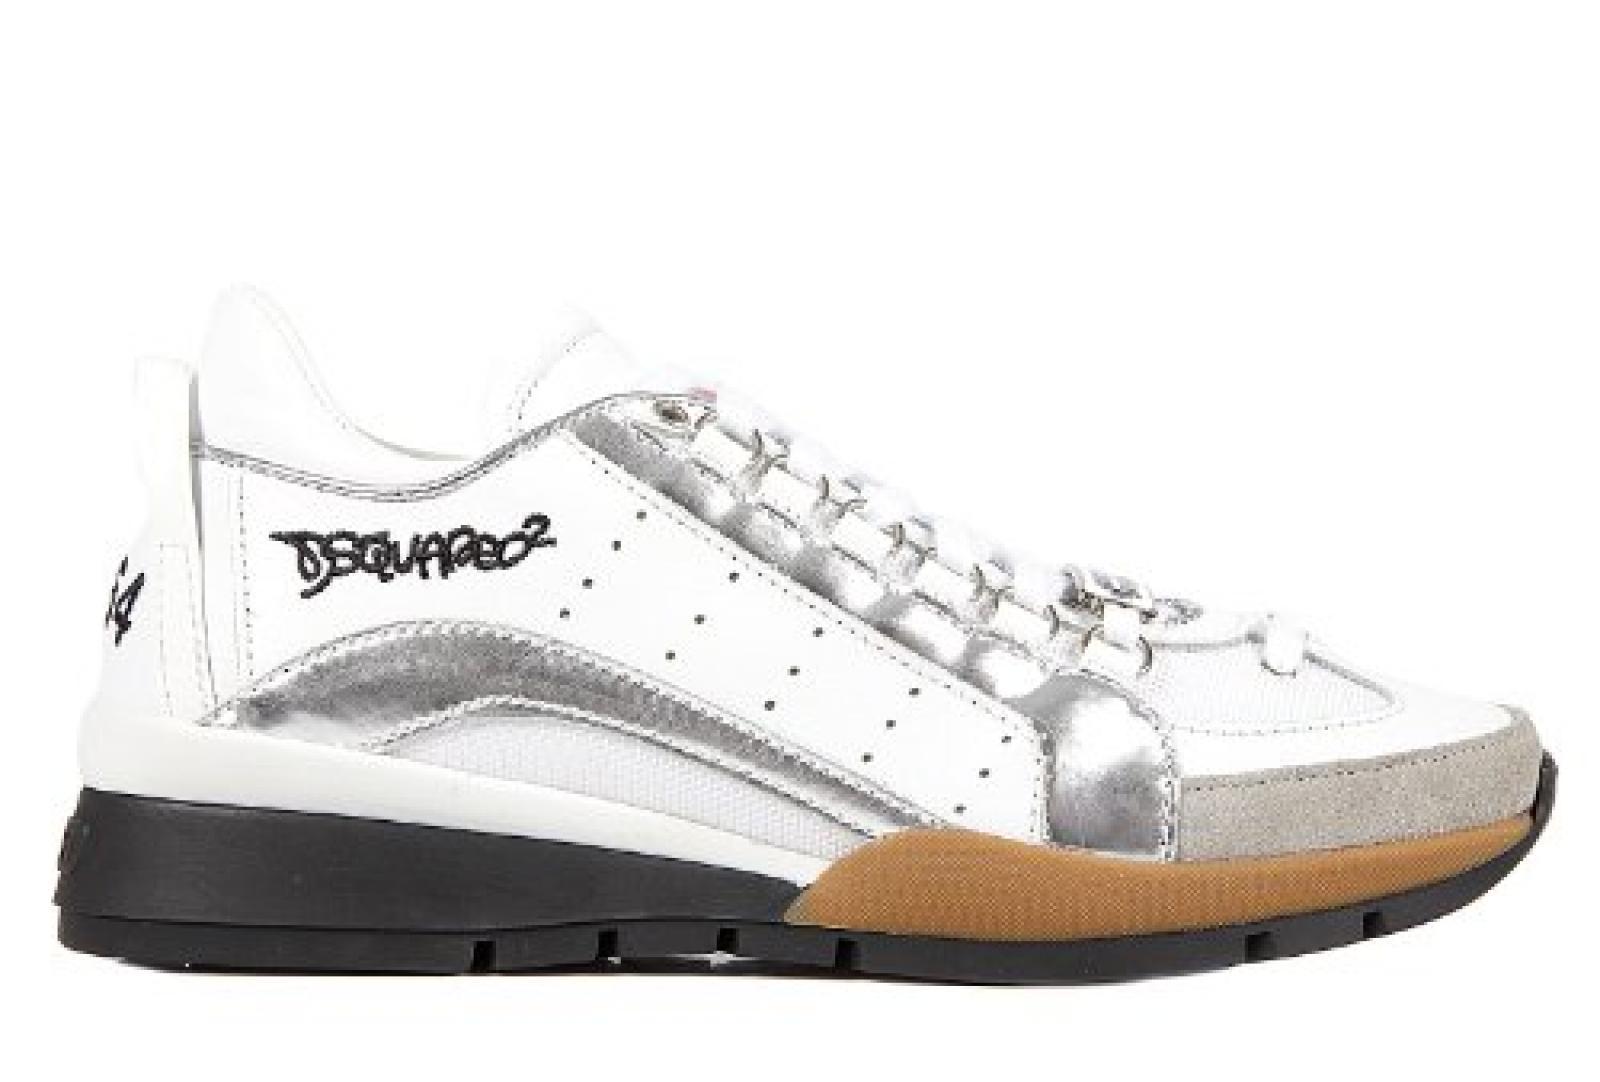 Dsquared2 Herrenschuhe Herren Leder Schuhe Sneakers Silber